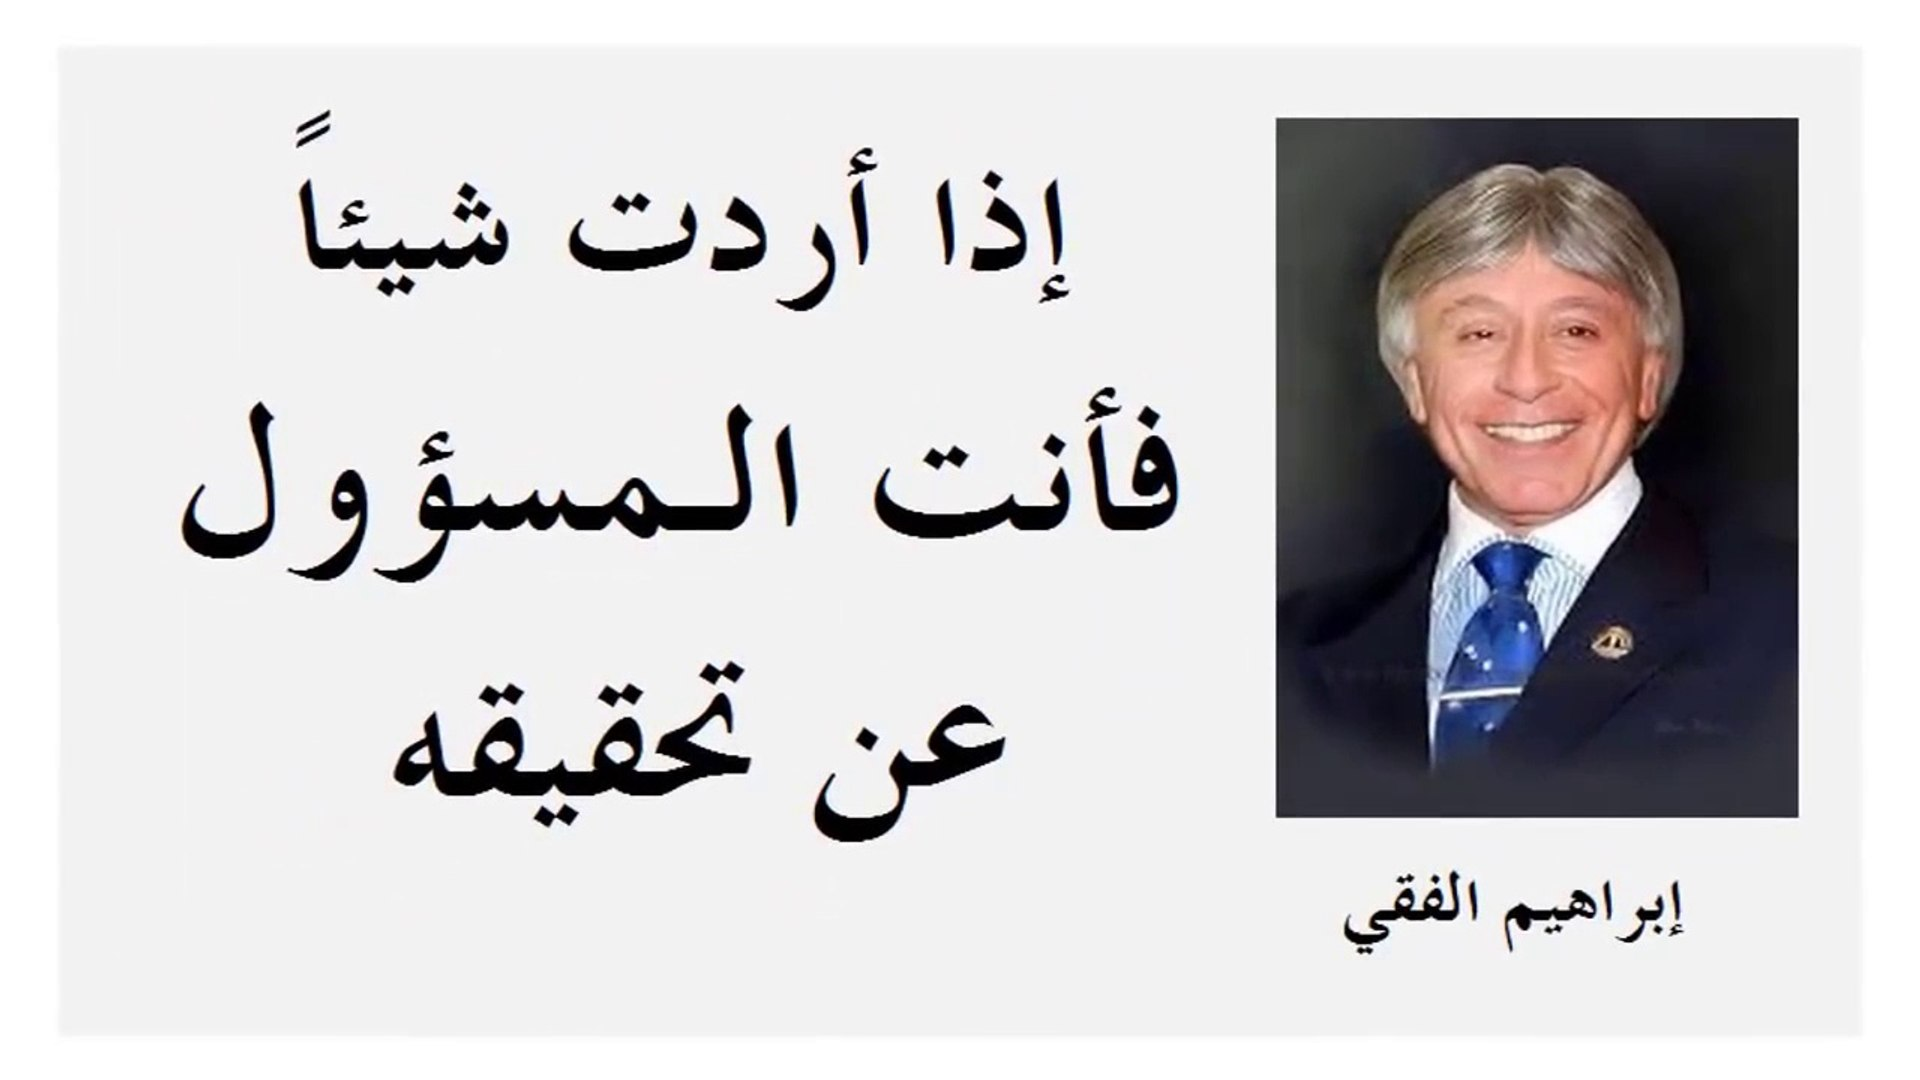 إبراهيم الفقي